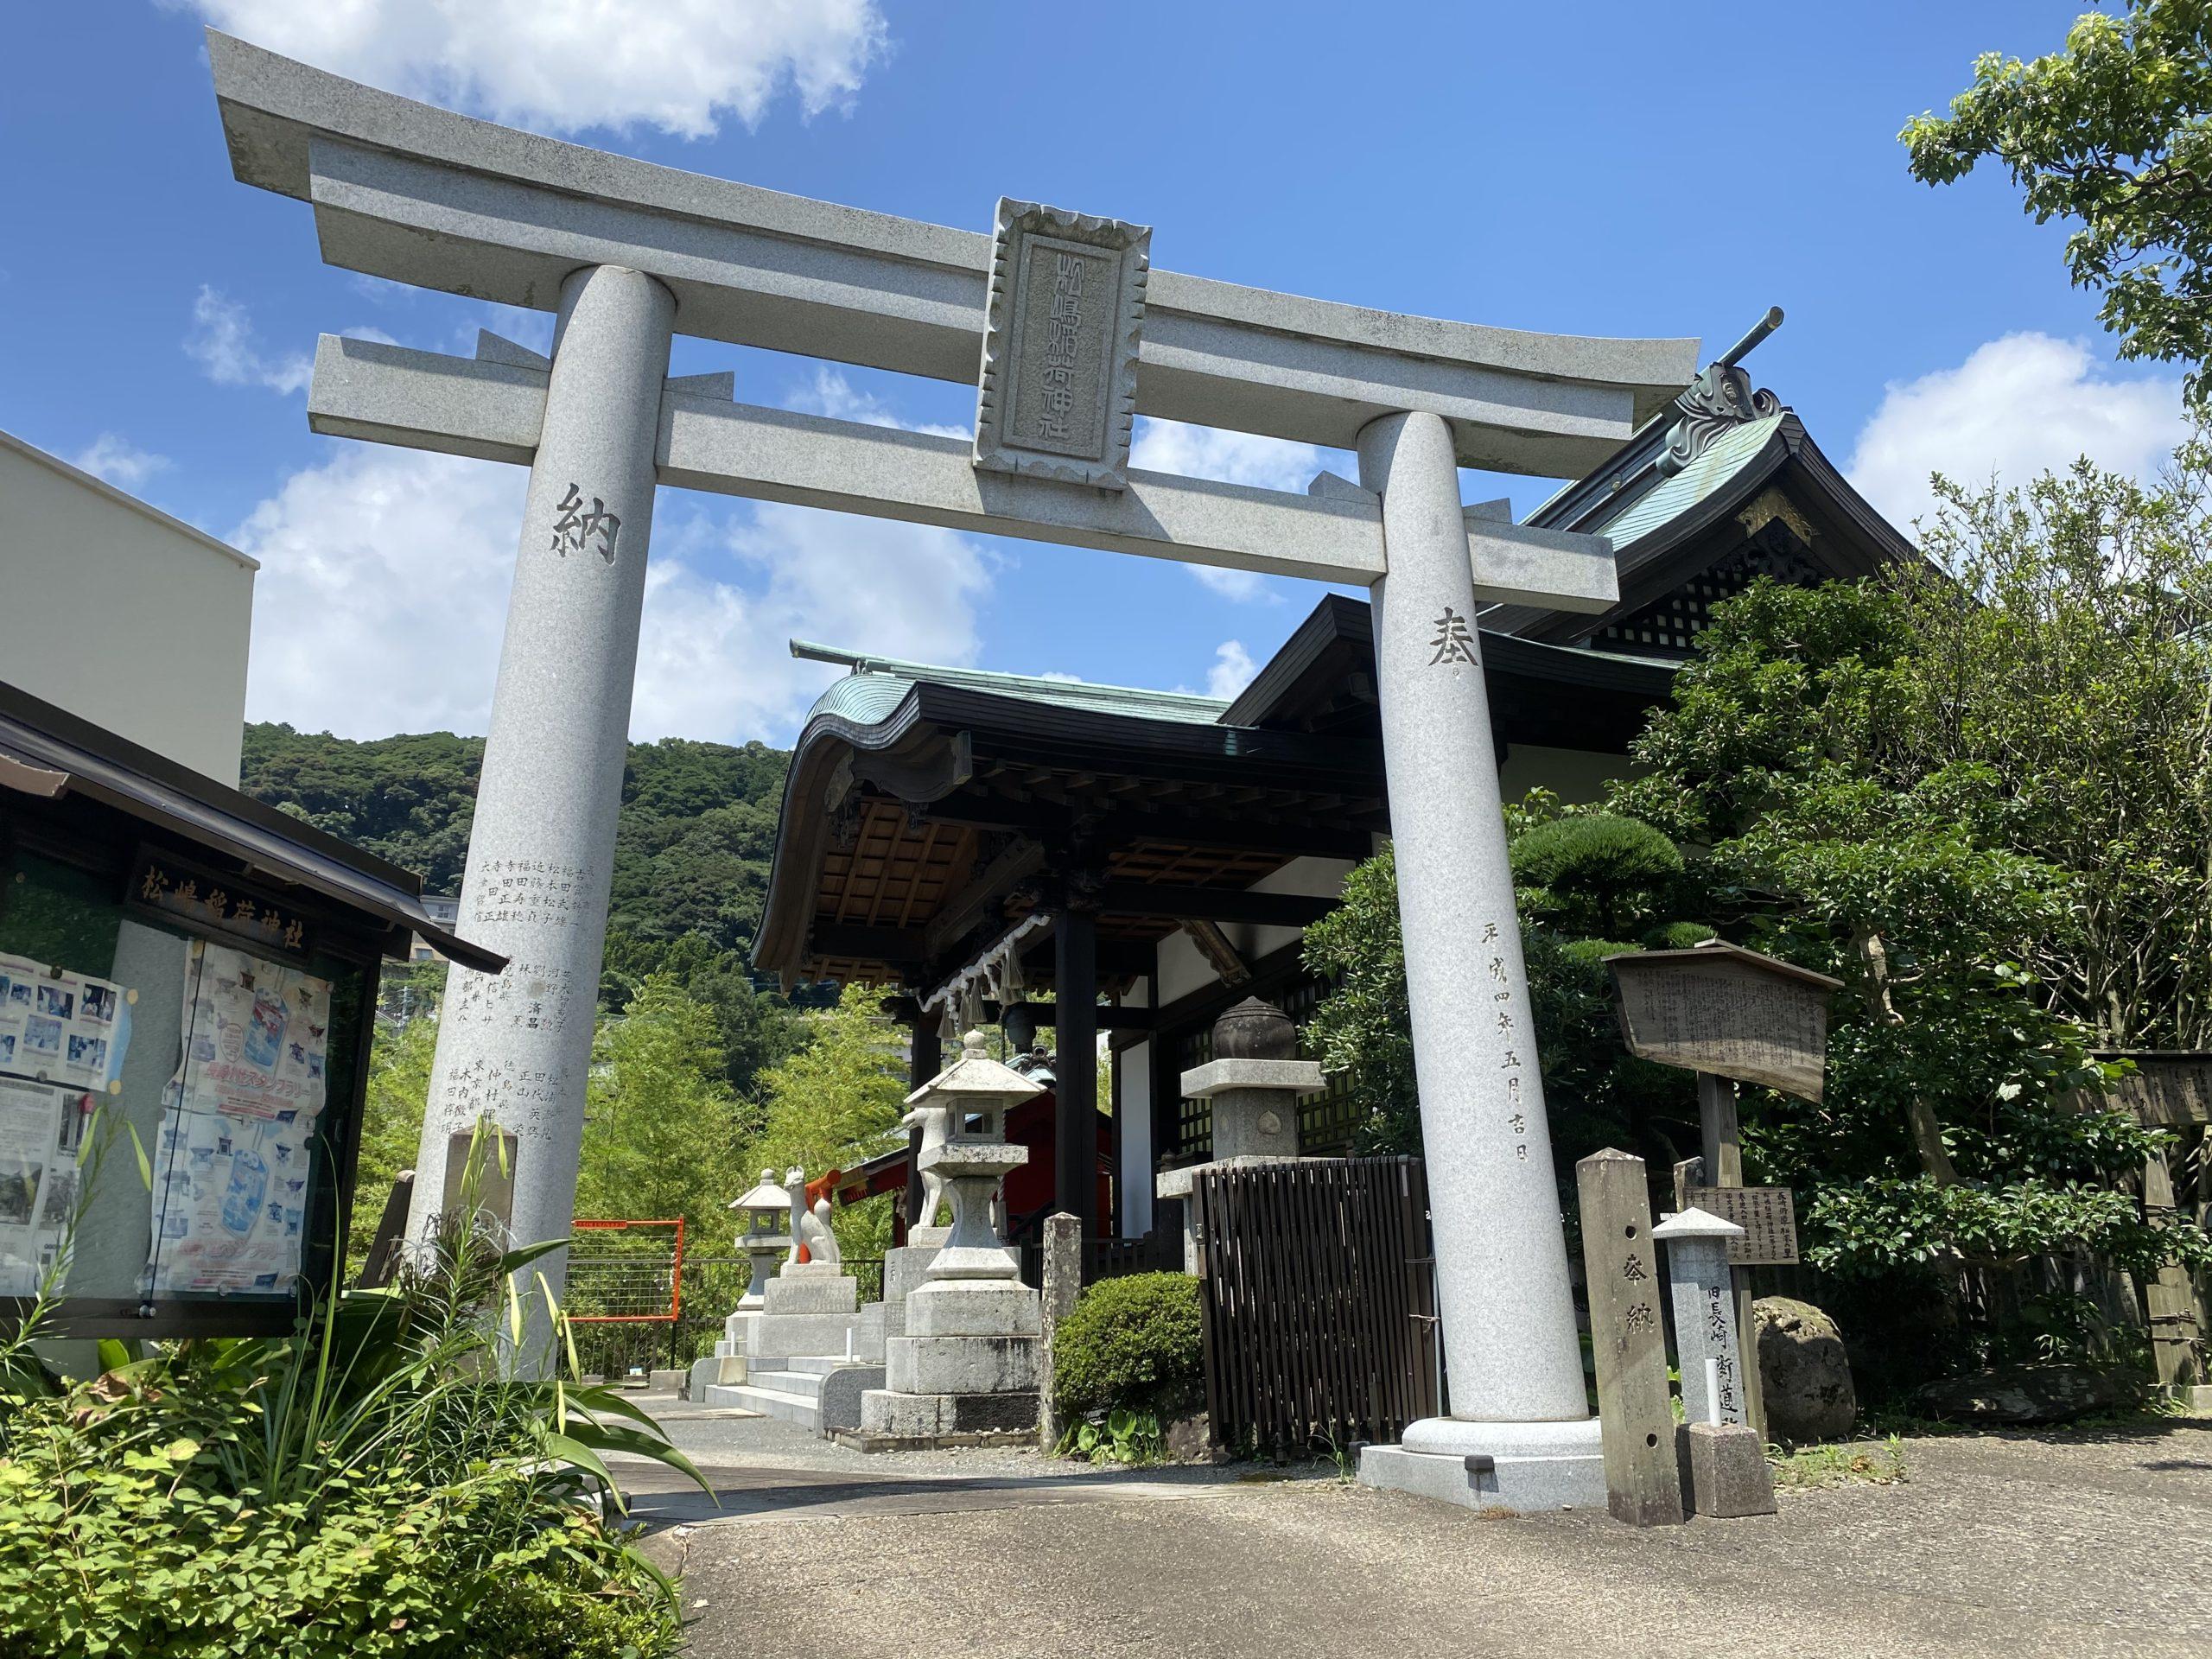 長崎松嶋稲荷神社へ